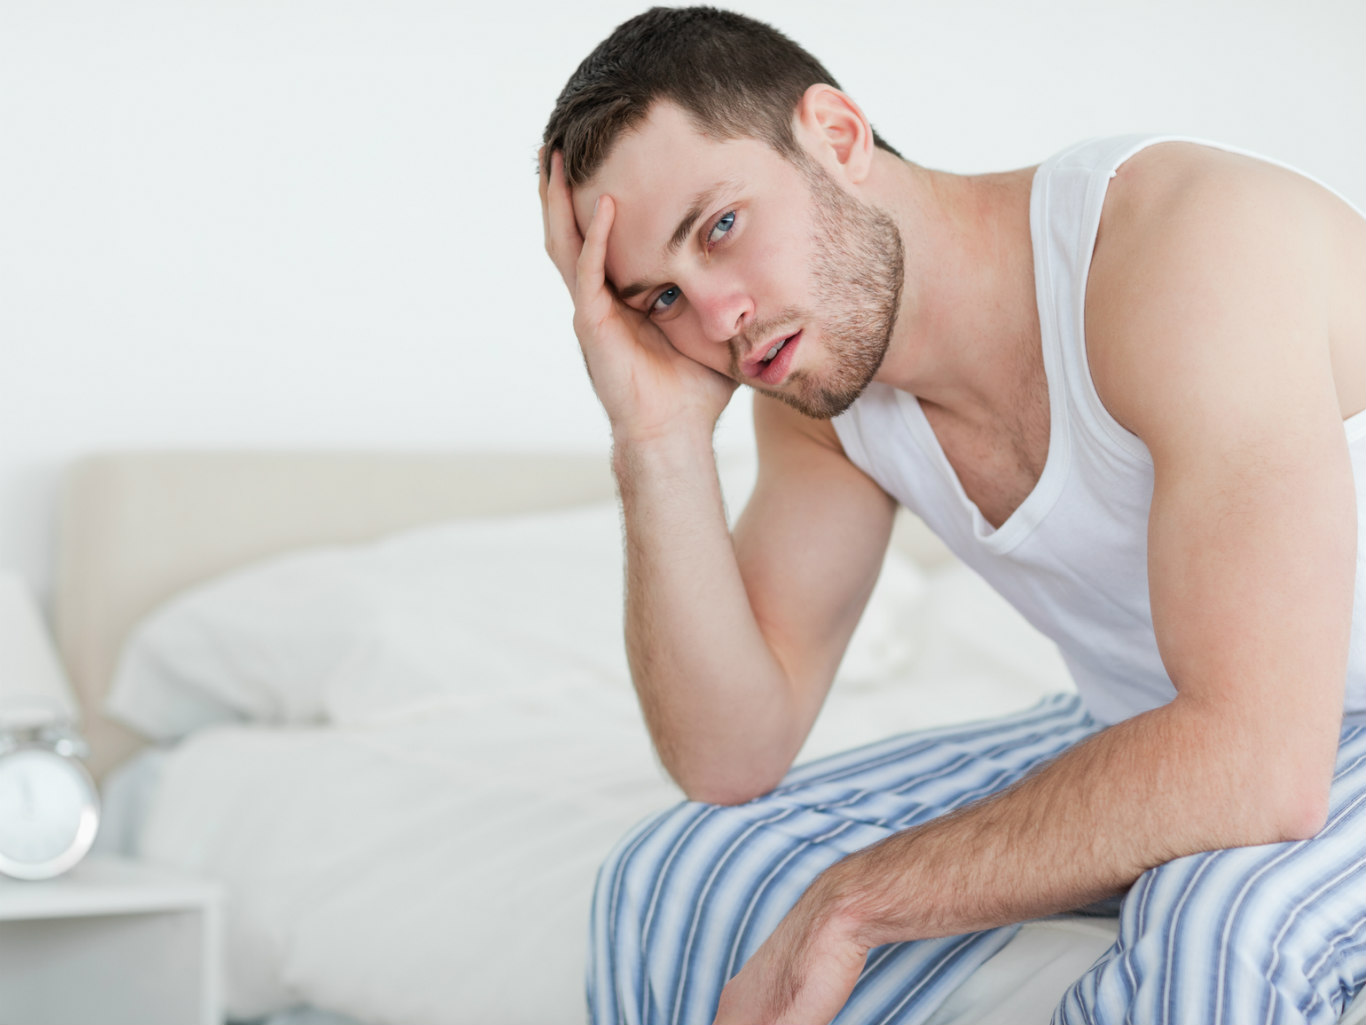 Уреаплазма во время лечения секс